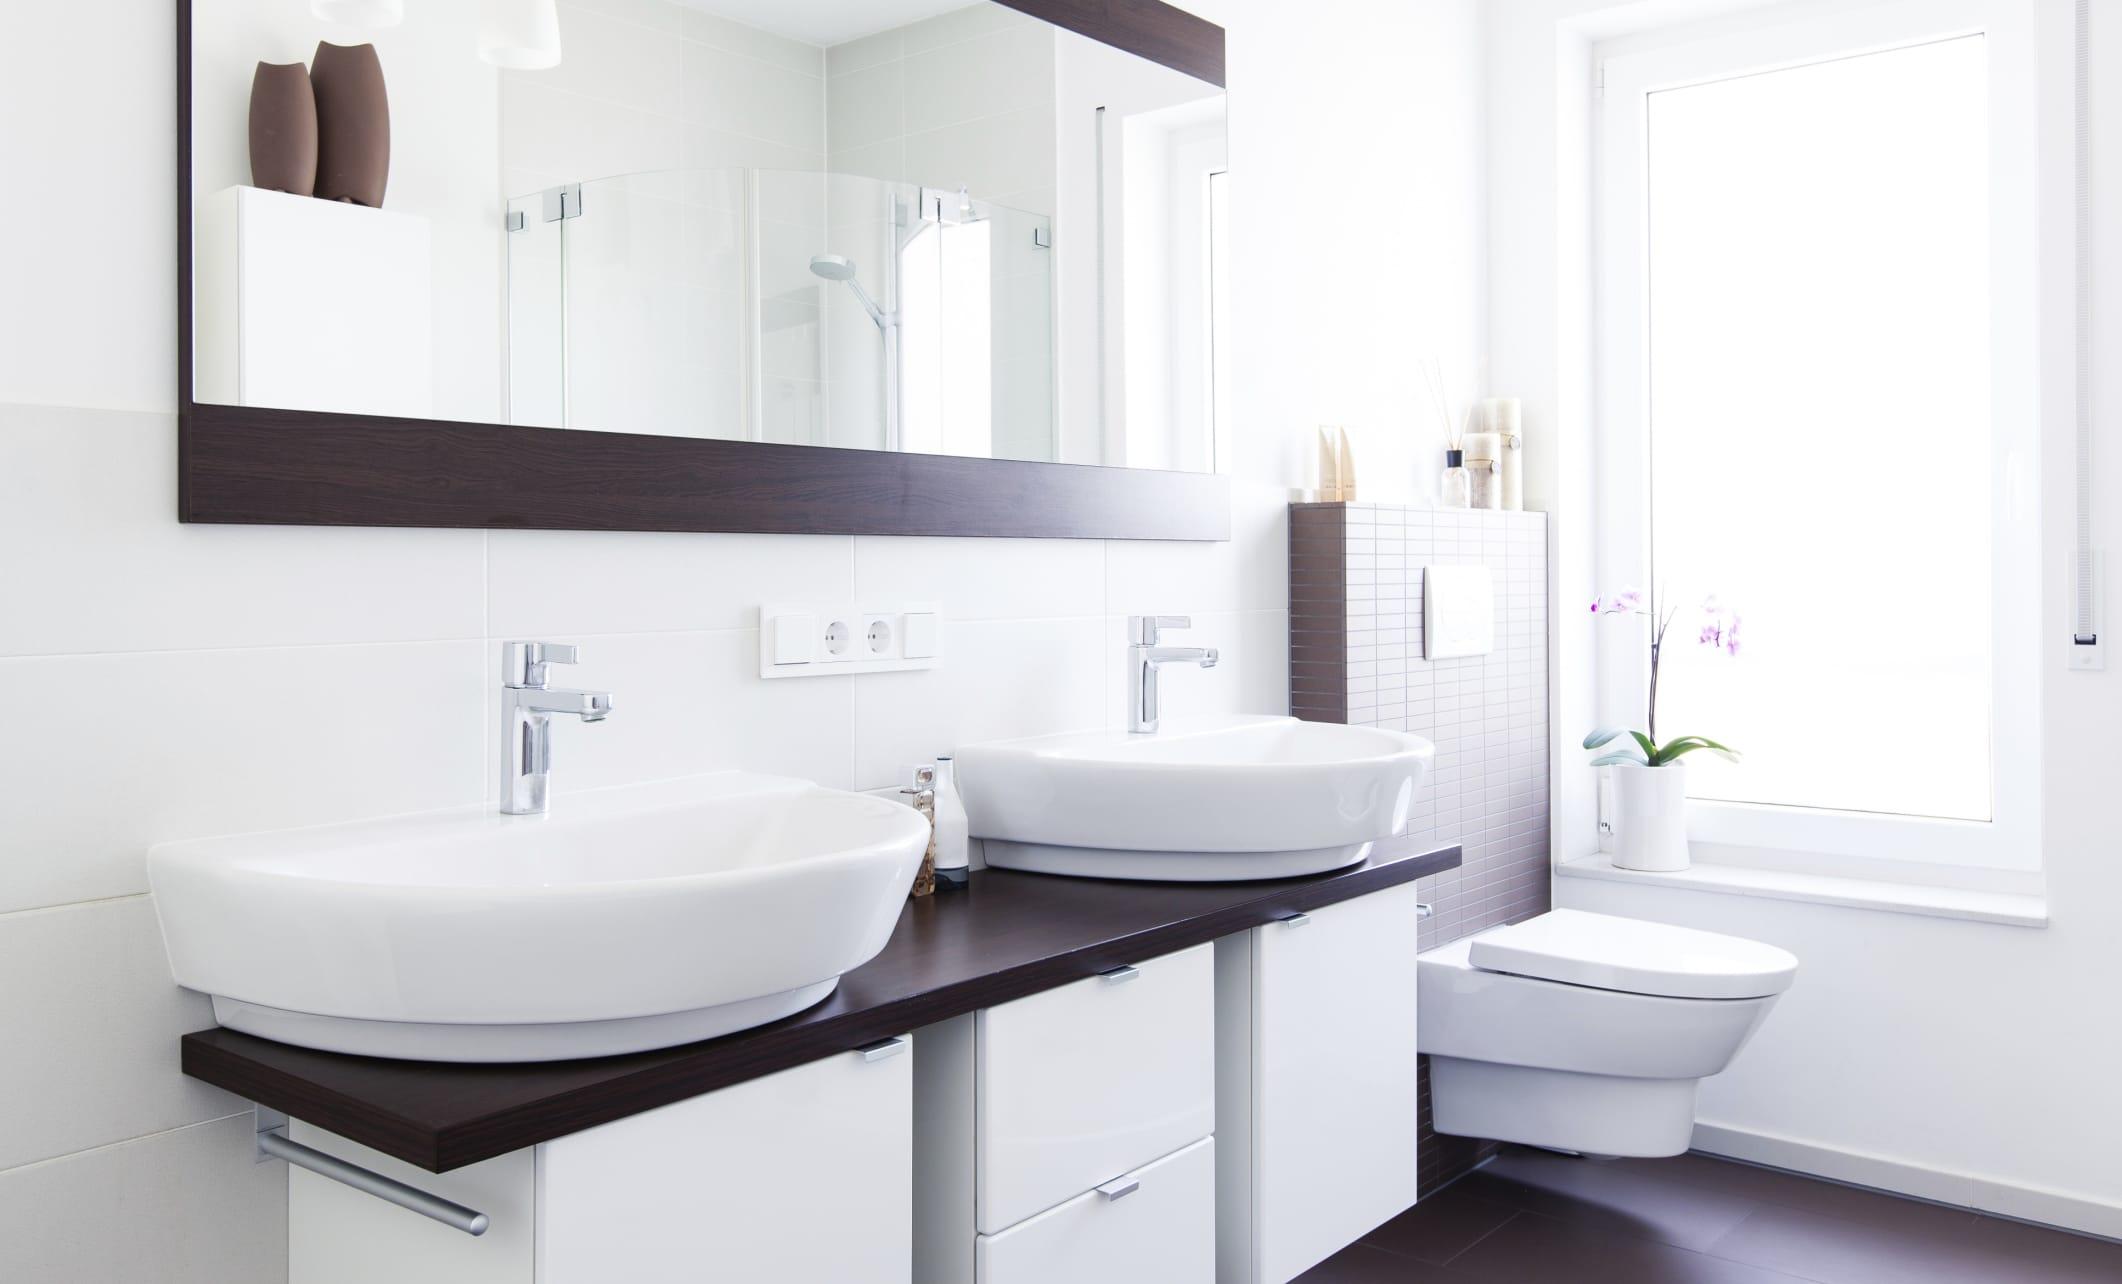 Come ristrutturare il bagno in maniera ecosostenibile - Tendine per il bagno ...